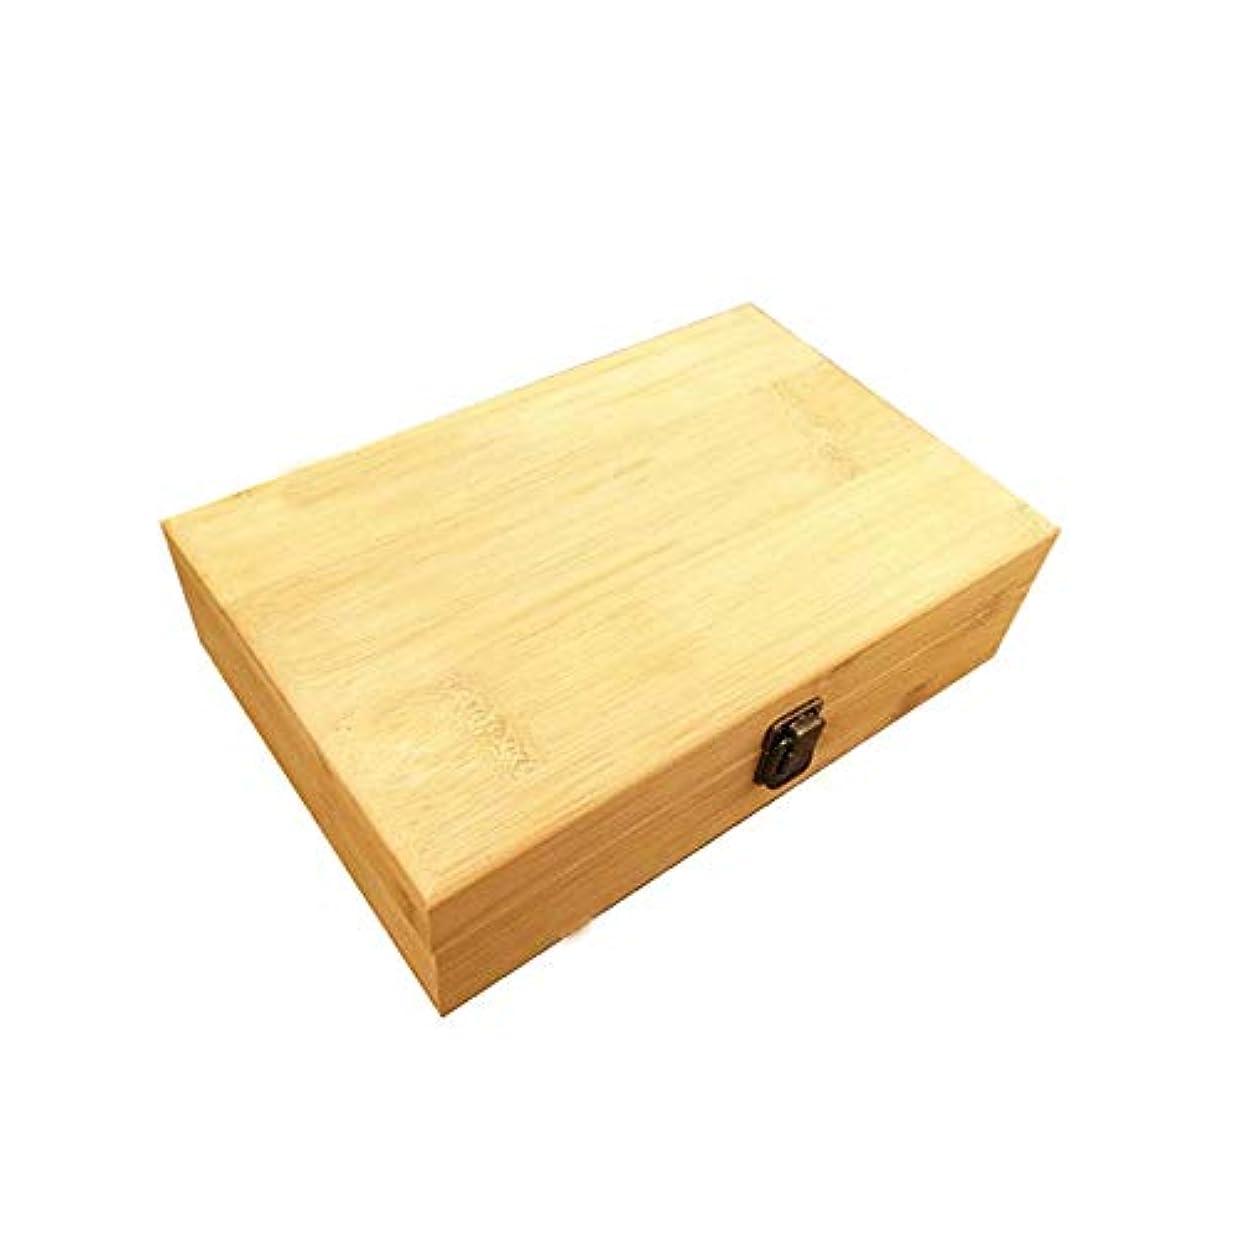 暖かさ禁止れるエッセンシャルオイルの保管 40スロットエッセンシャルオイルボックス木製収納ケースは、40本のボトルエッセンシャルオイルスペースセーバーの開催します (色 : Natural, サイズ : 29X18.5X8CM)